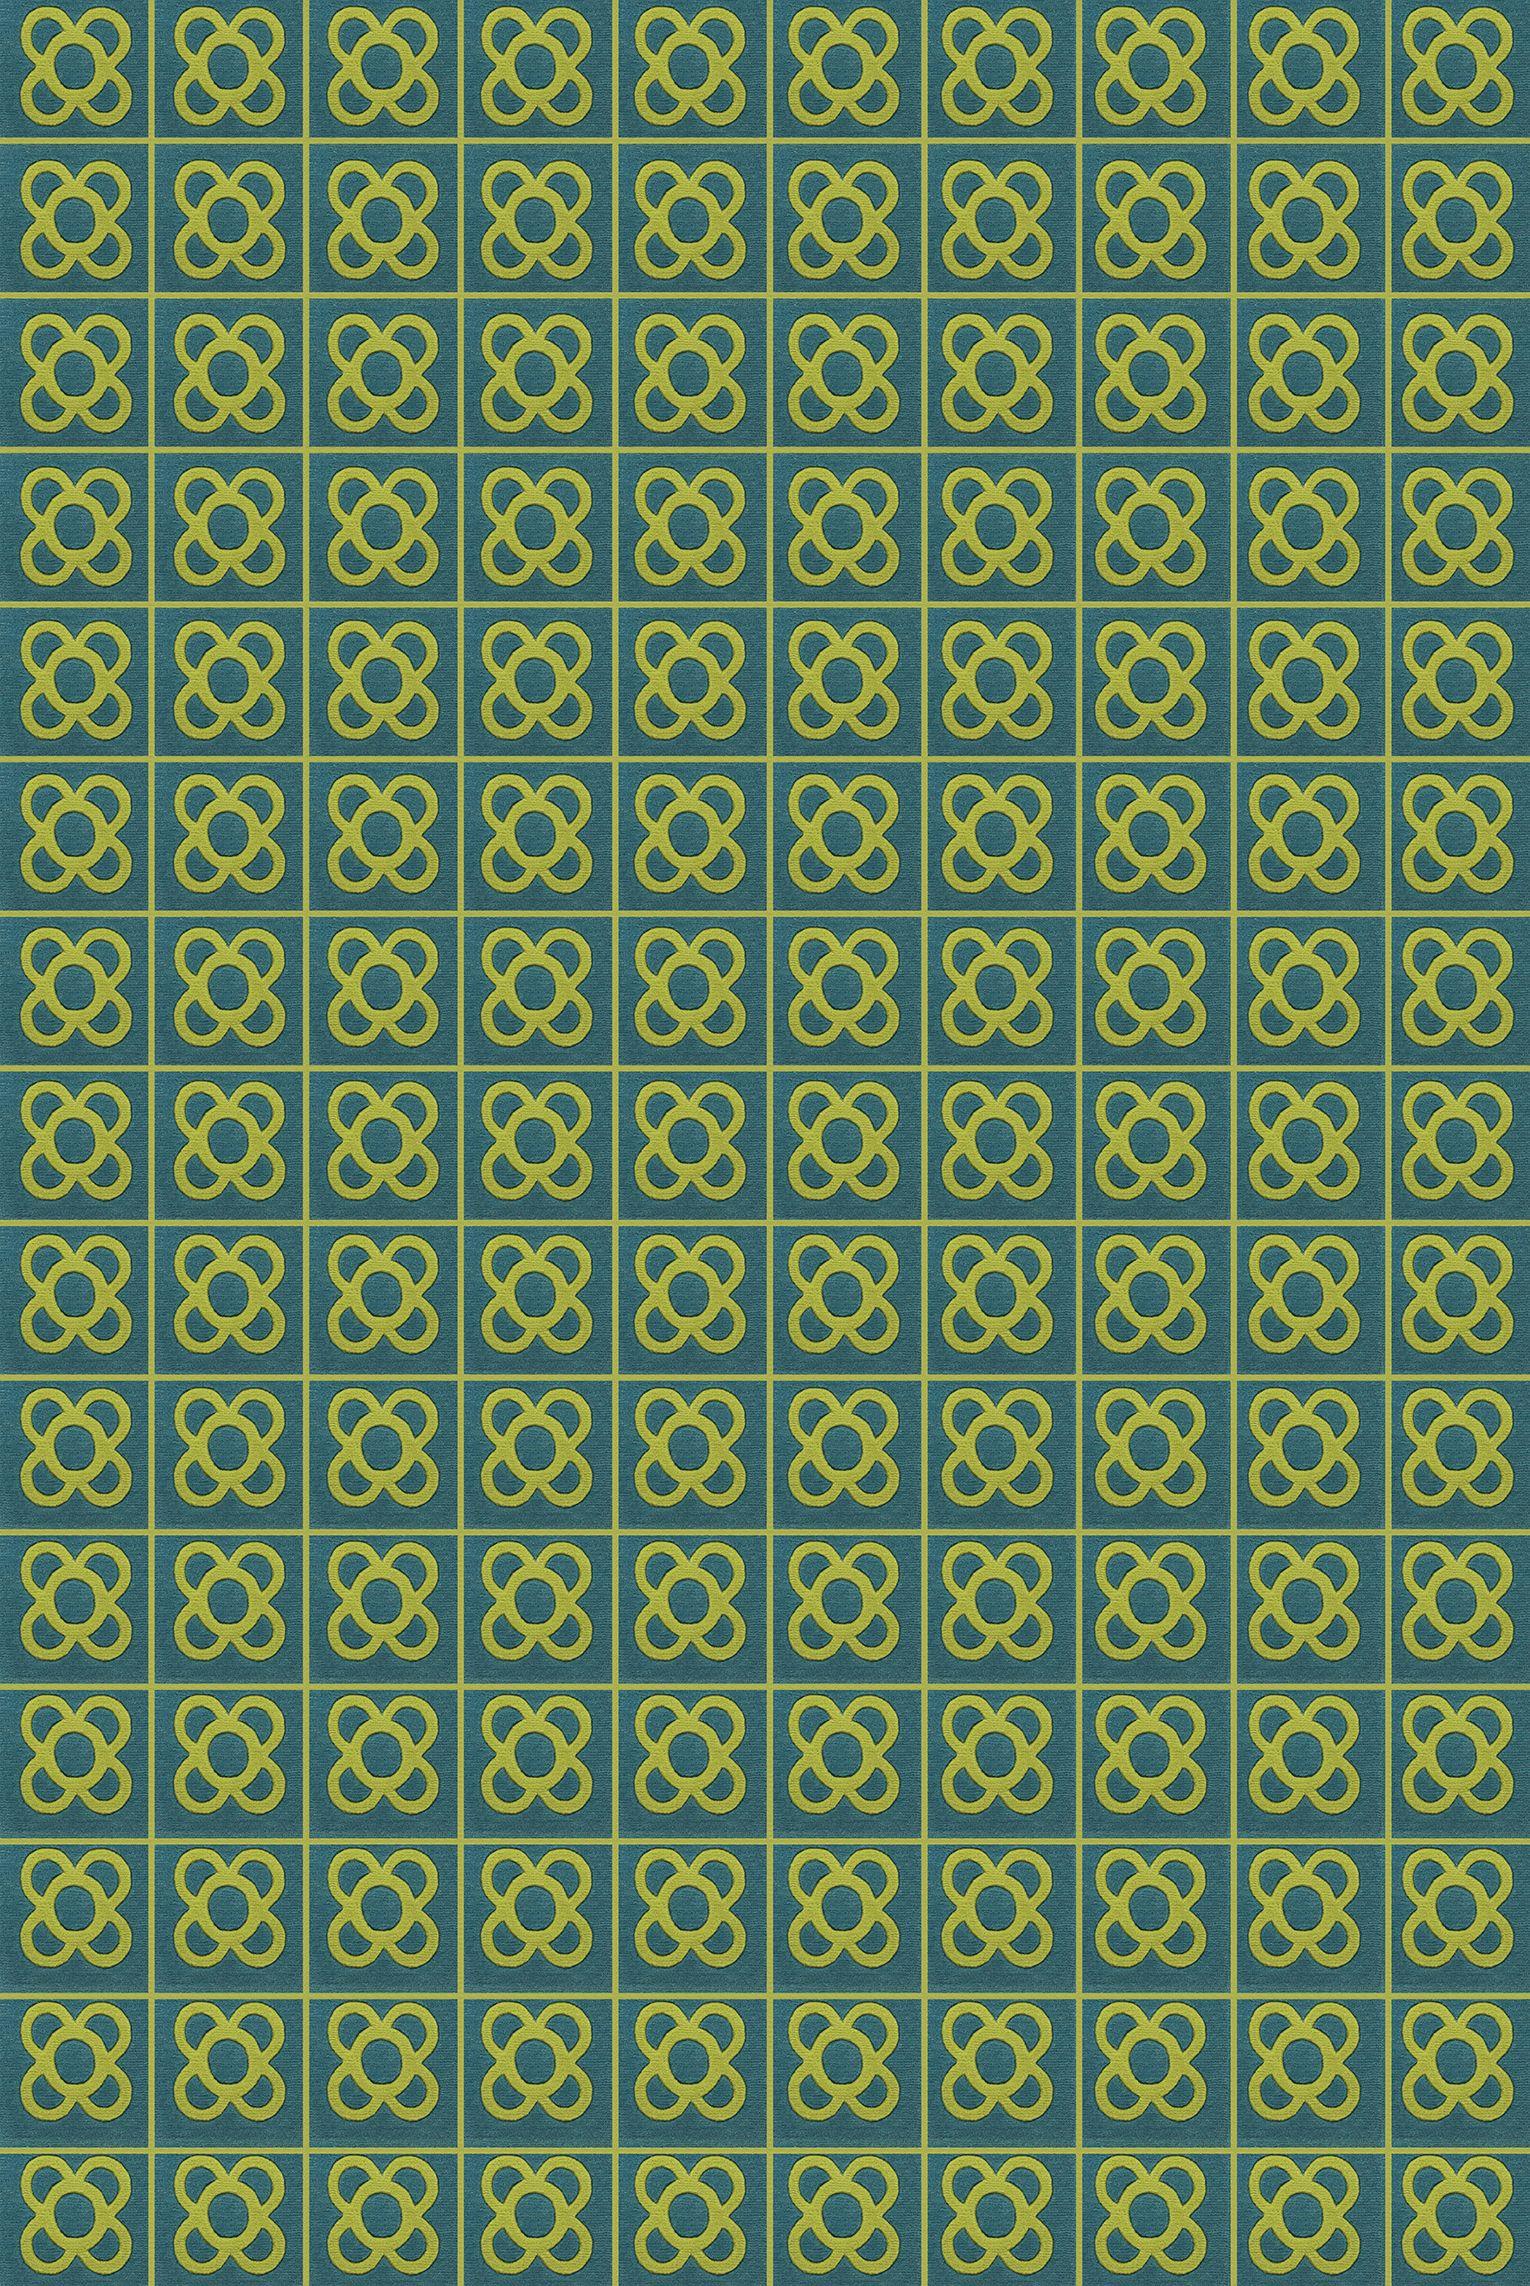 alfombras personalizadas barcelona – solo otras ideas de imagen de